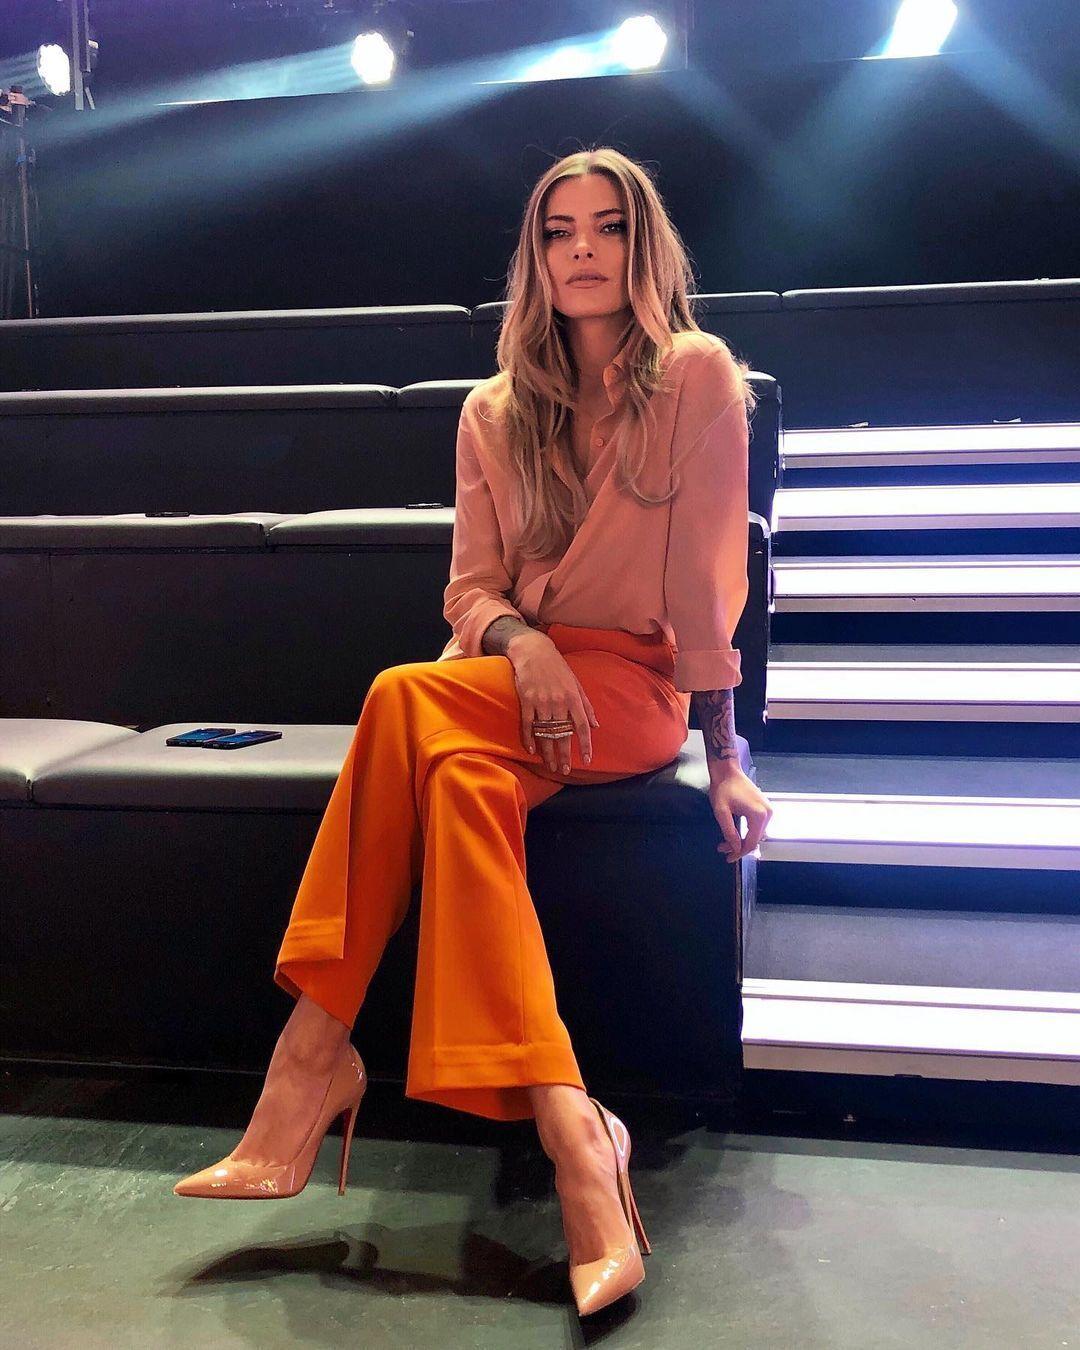 Софія Томалла в помаранчевих штанах